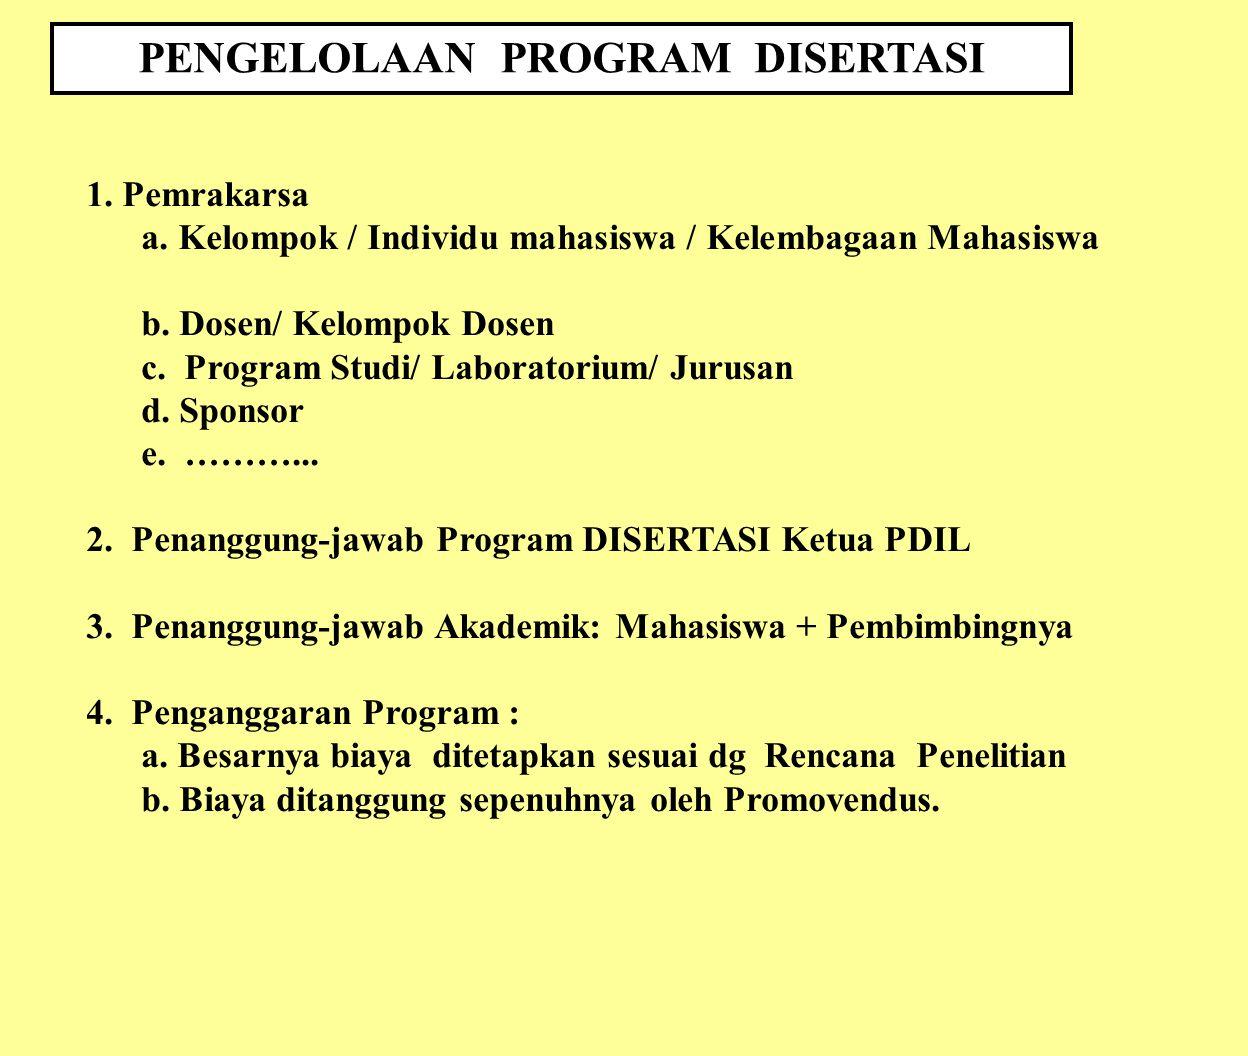 PENGELOLAAN PROGRAM DISERTASI 1. Pemrakarsa a. Kelompok / Individu mahasiswa / Kelembagaan Mahasiswa b. Dosen/ Kelompok Dosen c. Program Studi/ Labora